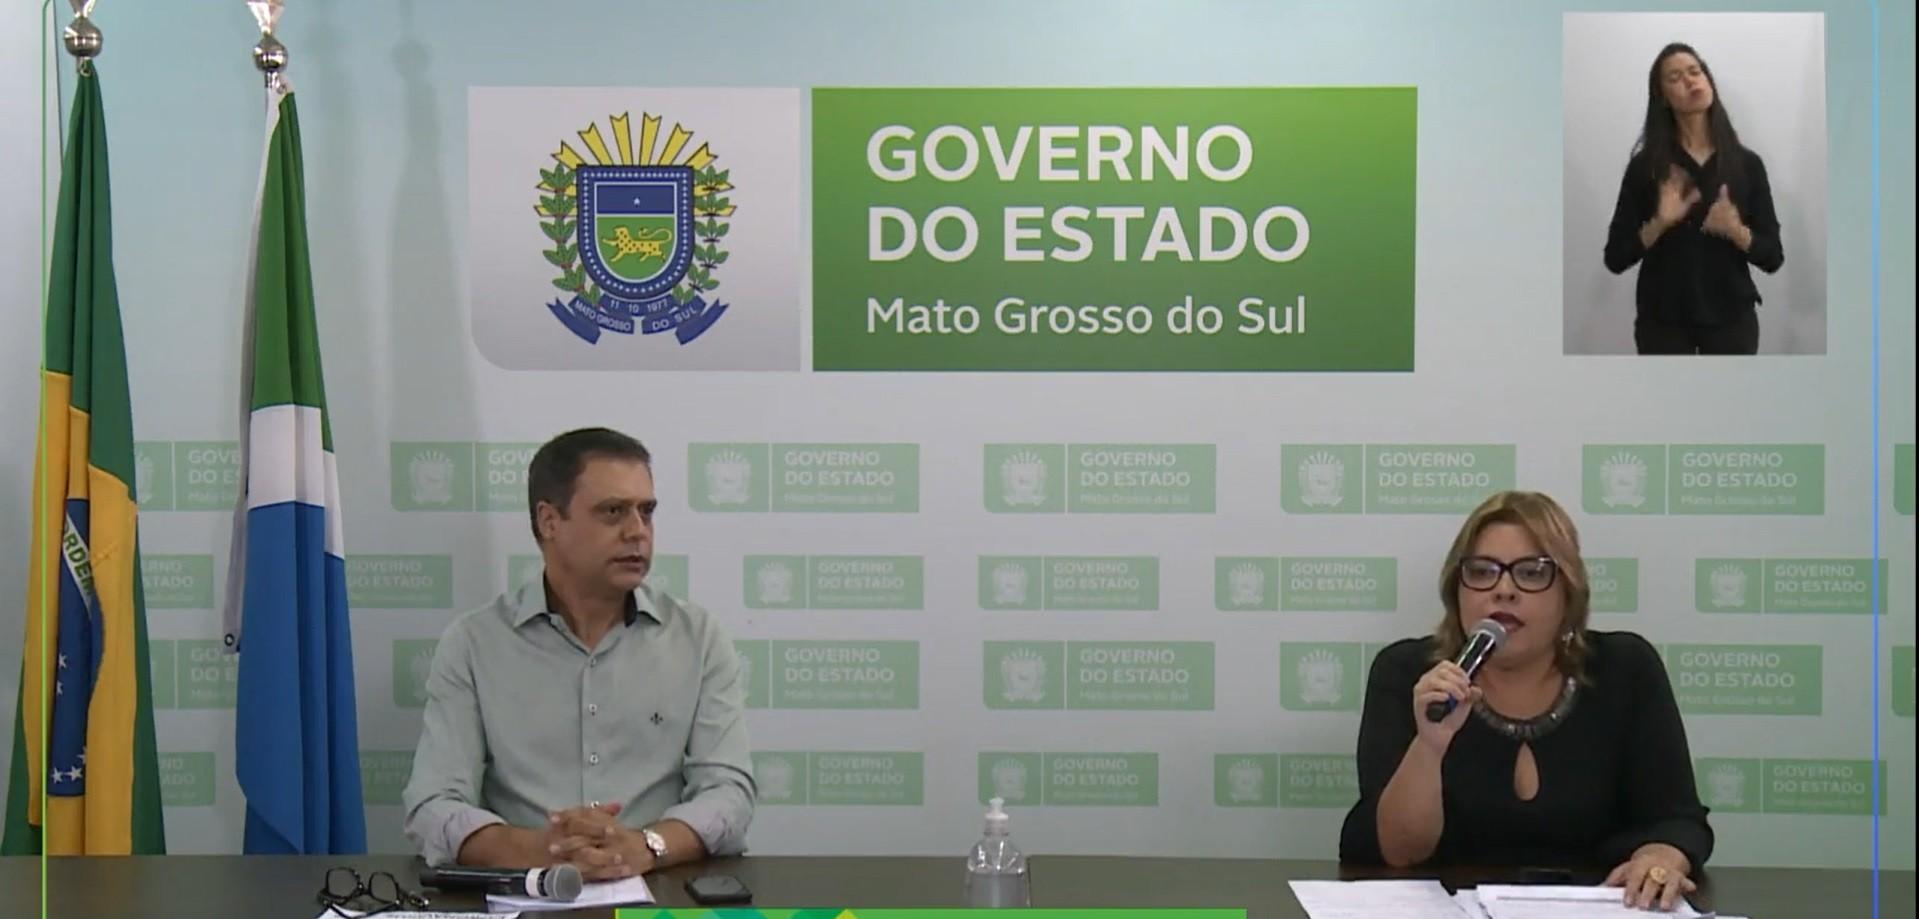 Casos de coronavírus chegam a 36 em Mato Grosso do Sul